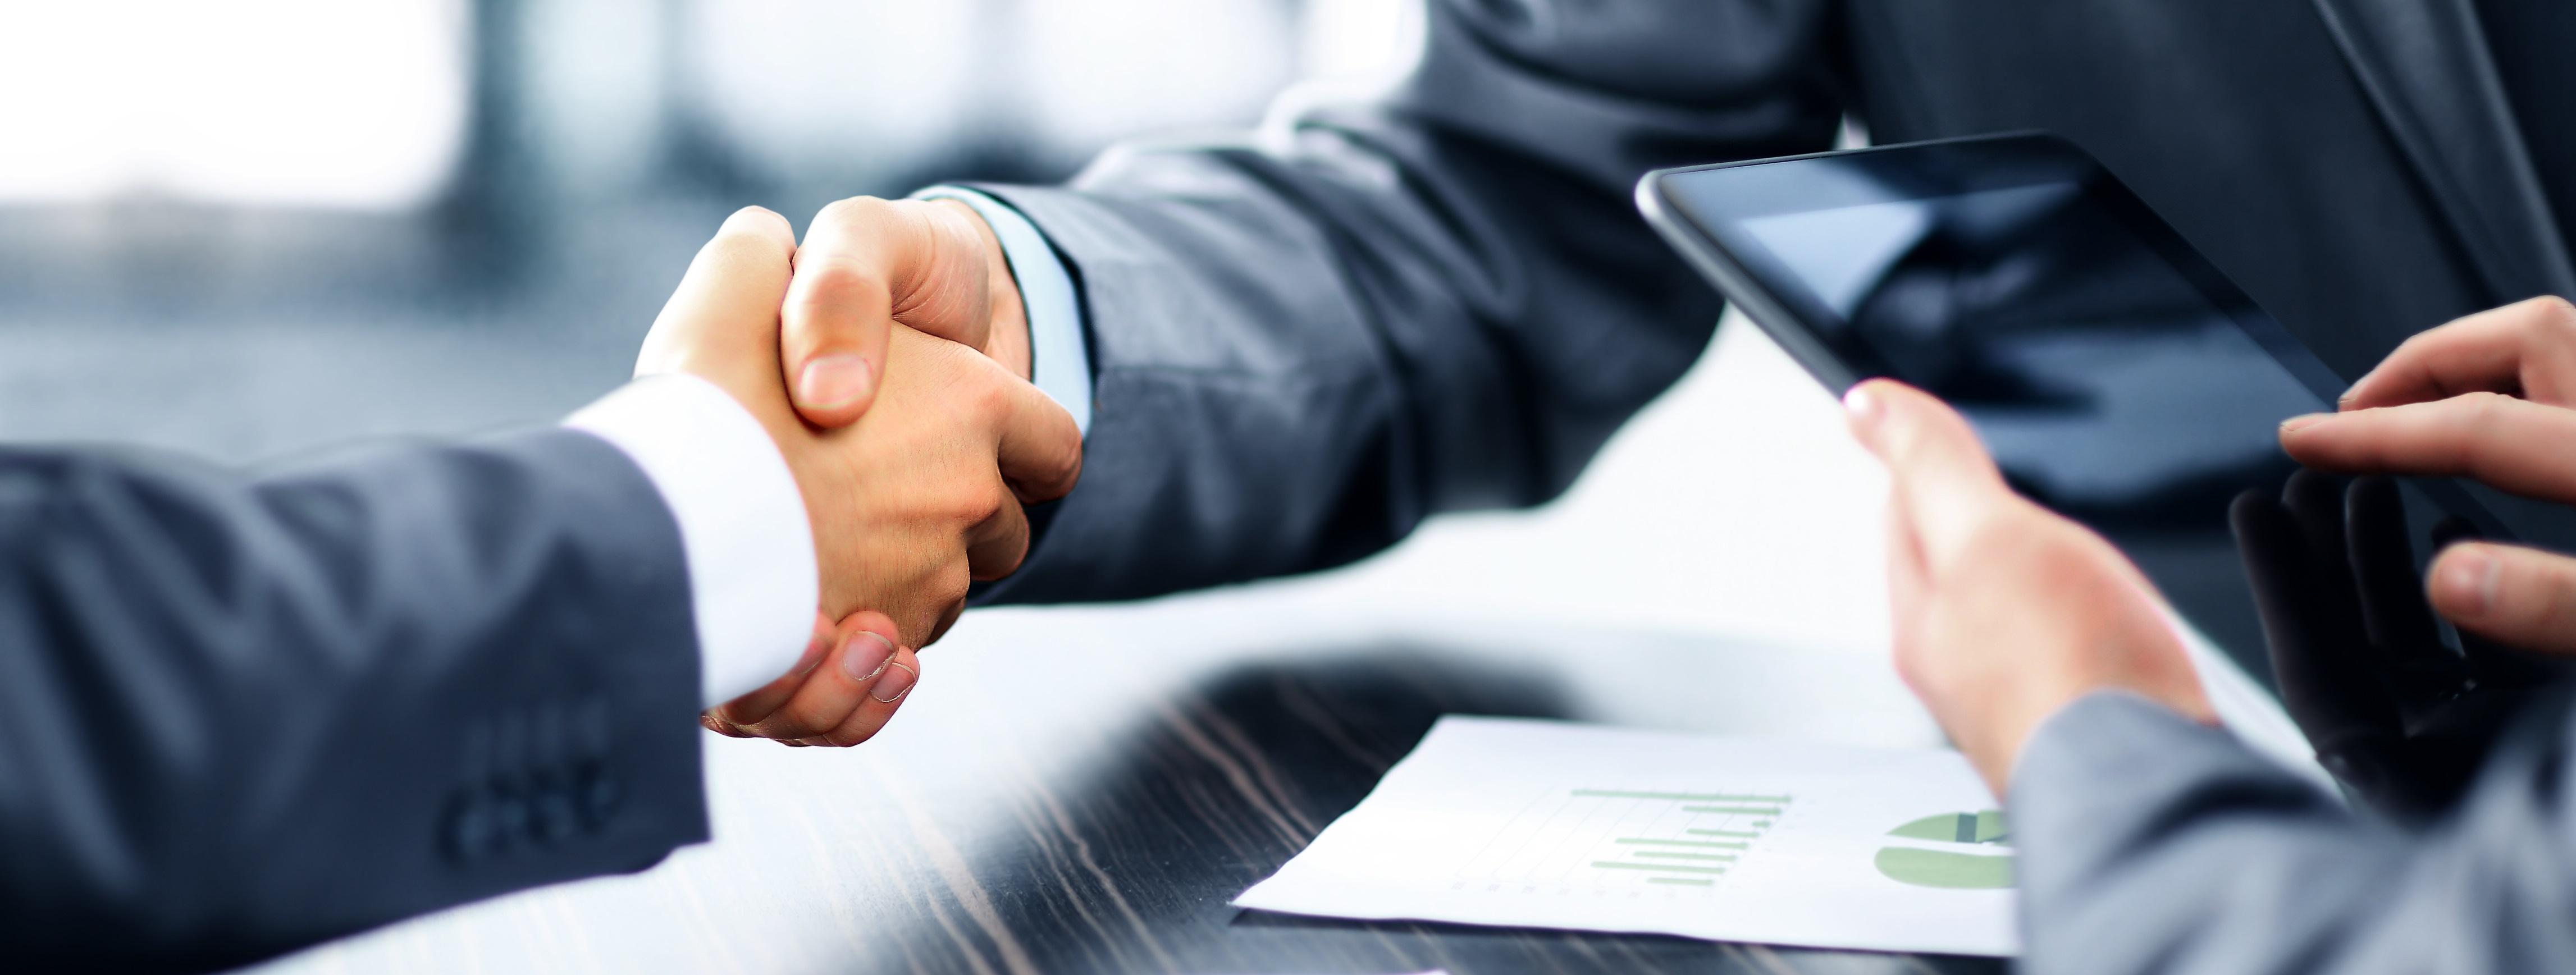 Le recrutement, un investissement vital pour l'entreprise : quels coûts ?